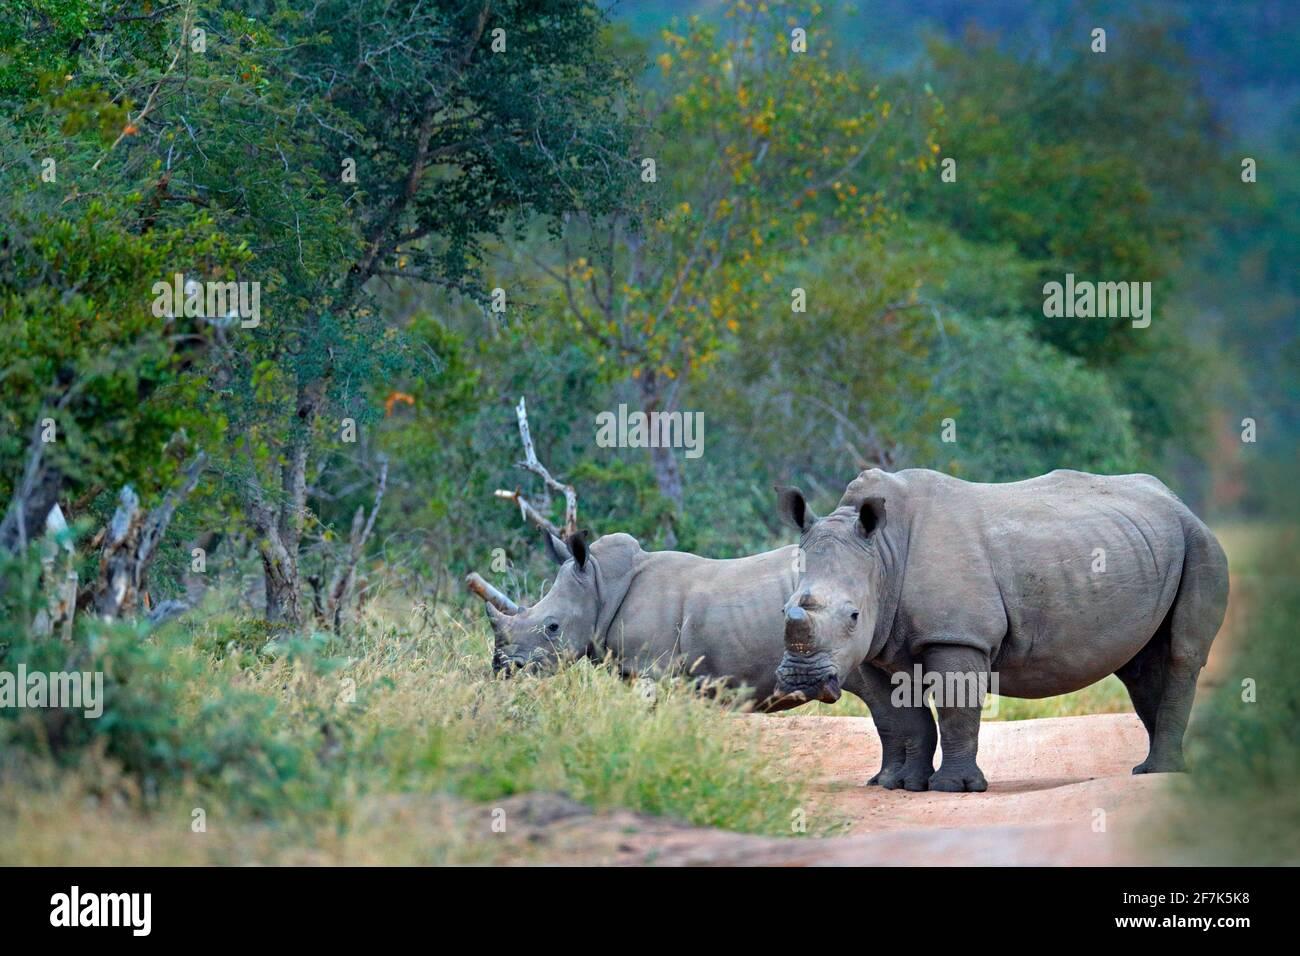 Rinoceronte en el hábitat del bosque. Dos rinocerontes blancos, Ceratotherium simum, con cuernos cortados, en el hábitat natural, Parque Nacional Kruger. África. Fauna silvestre scen Foto de stock